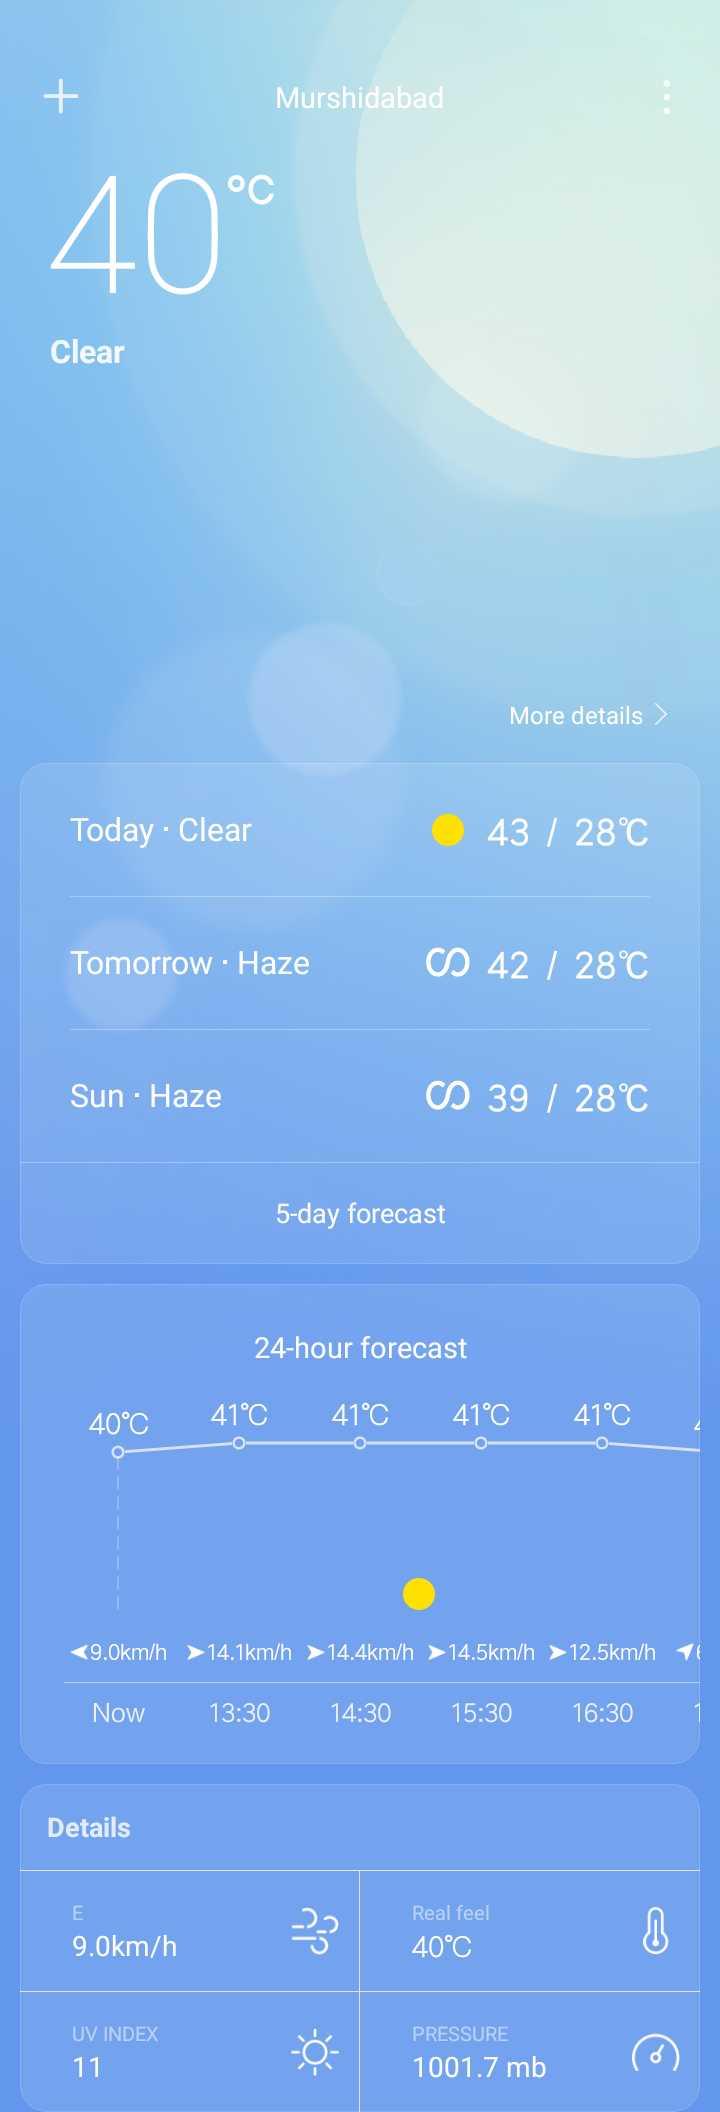 রেড ক্রস ডে - Murshidabad 40 Clear More details Today · Clear 43 / 28°C Tomorrow · Haze Tomorrow - Haze C 42 / 28°C Sun - Haze CD 39 / 28°C 5 - day forecast 24 - hour forecast 41°C 41°C 410 40°C 41°C , < 9 . 0km / h > 14 . 1km / h > 14 . 4km / h > 14 . 5km / h > 12 . 5km / h 11 Now 13 : 30 14 : 30 15 : 30 16 : 30 Details 2 . Okm / 2 20°C Real feel 40°C B 9 . Okm / h UV INDEX • PRESSURE 1001 . 7 mb 100 . 7 mb @ 11 - ShareChat